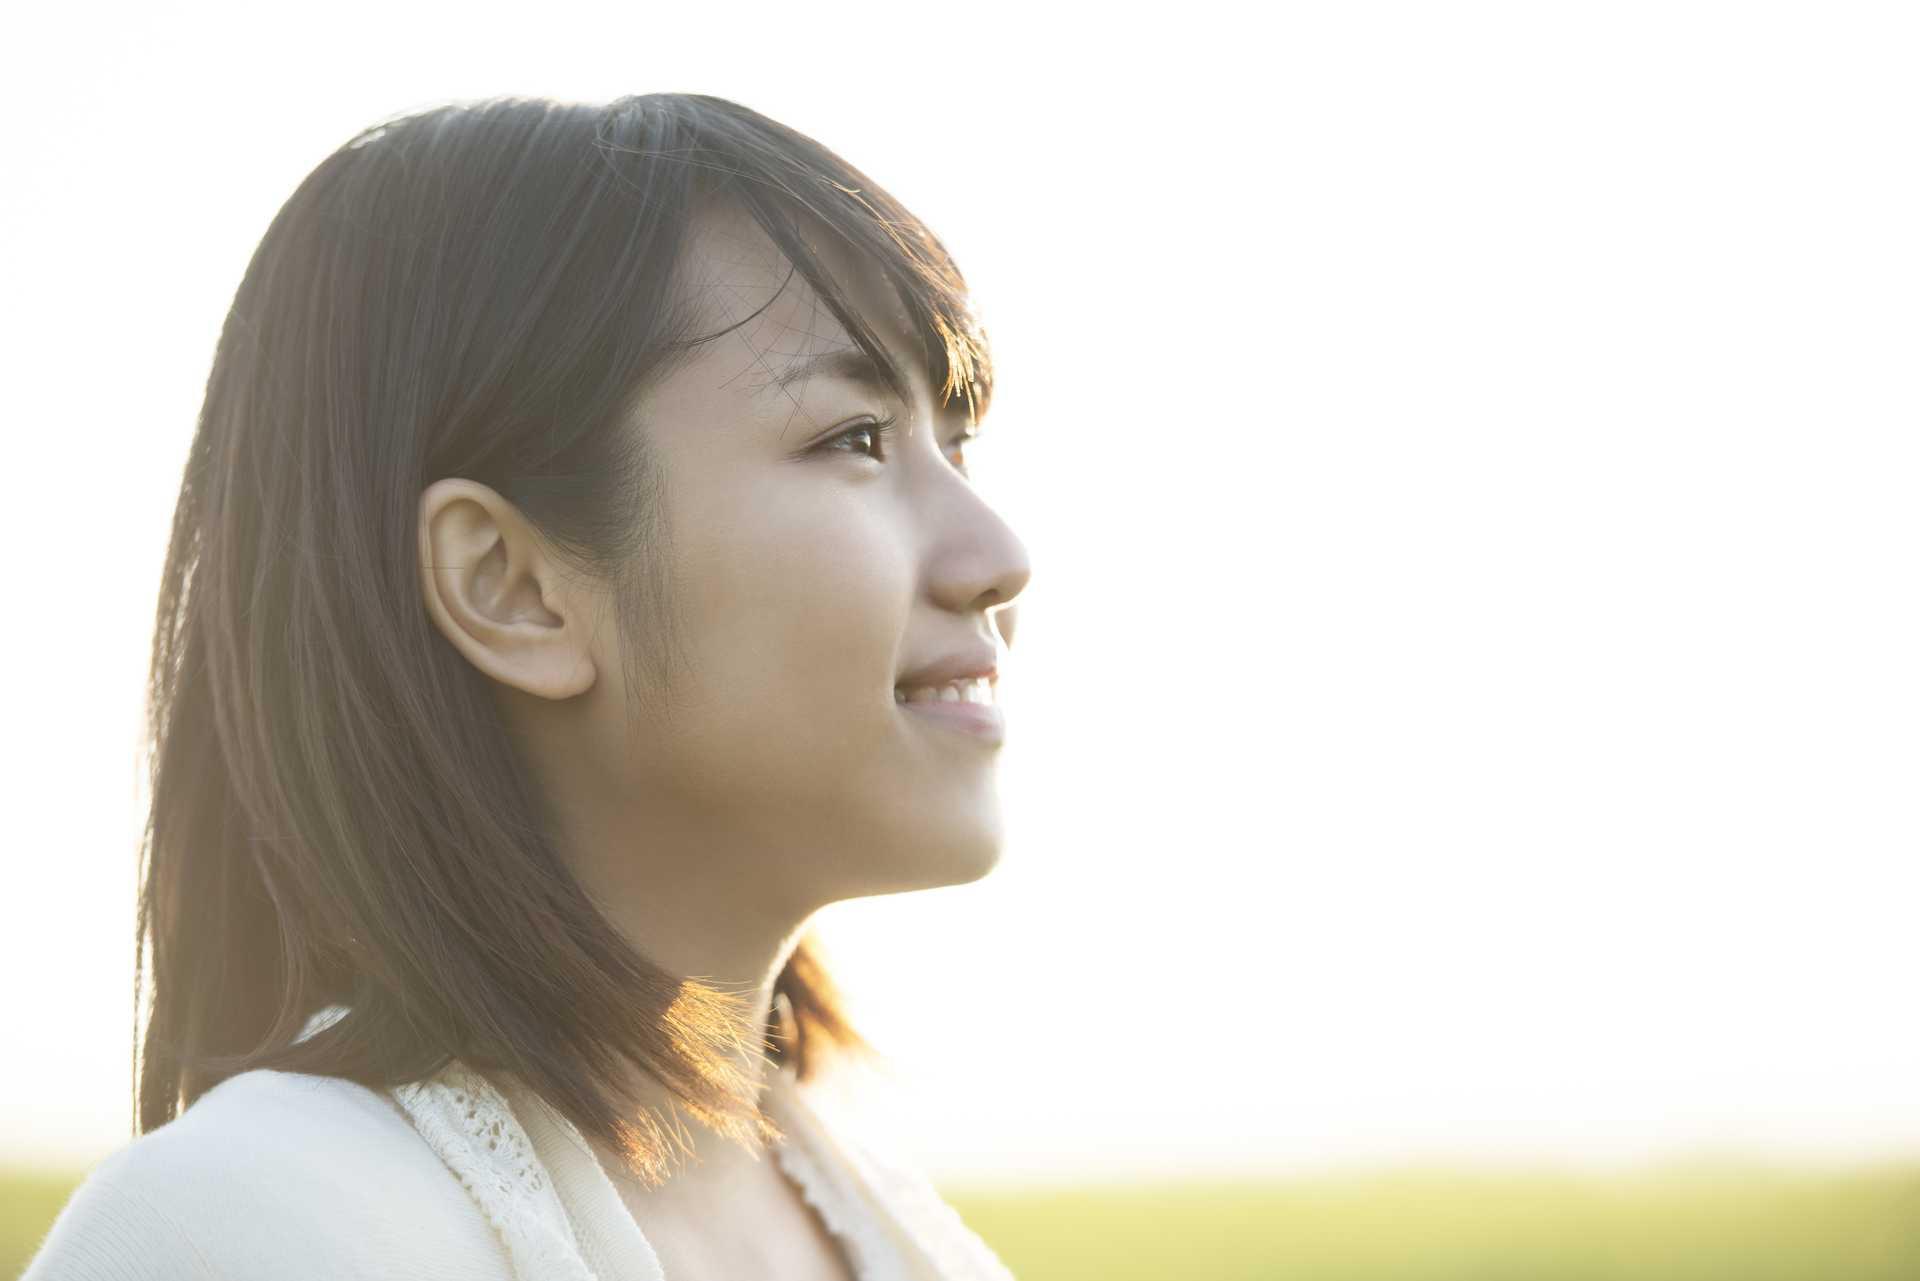 夜は、自制心を失う時間帯。朝の判断は、常に正しい。 | 早寝早起きの生活で人生を変える30の方法